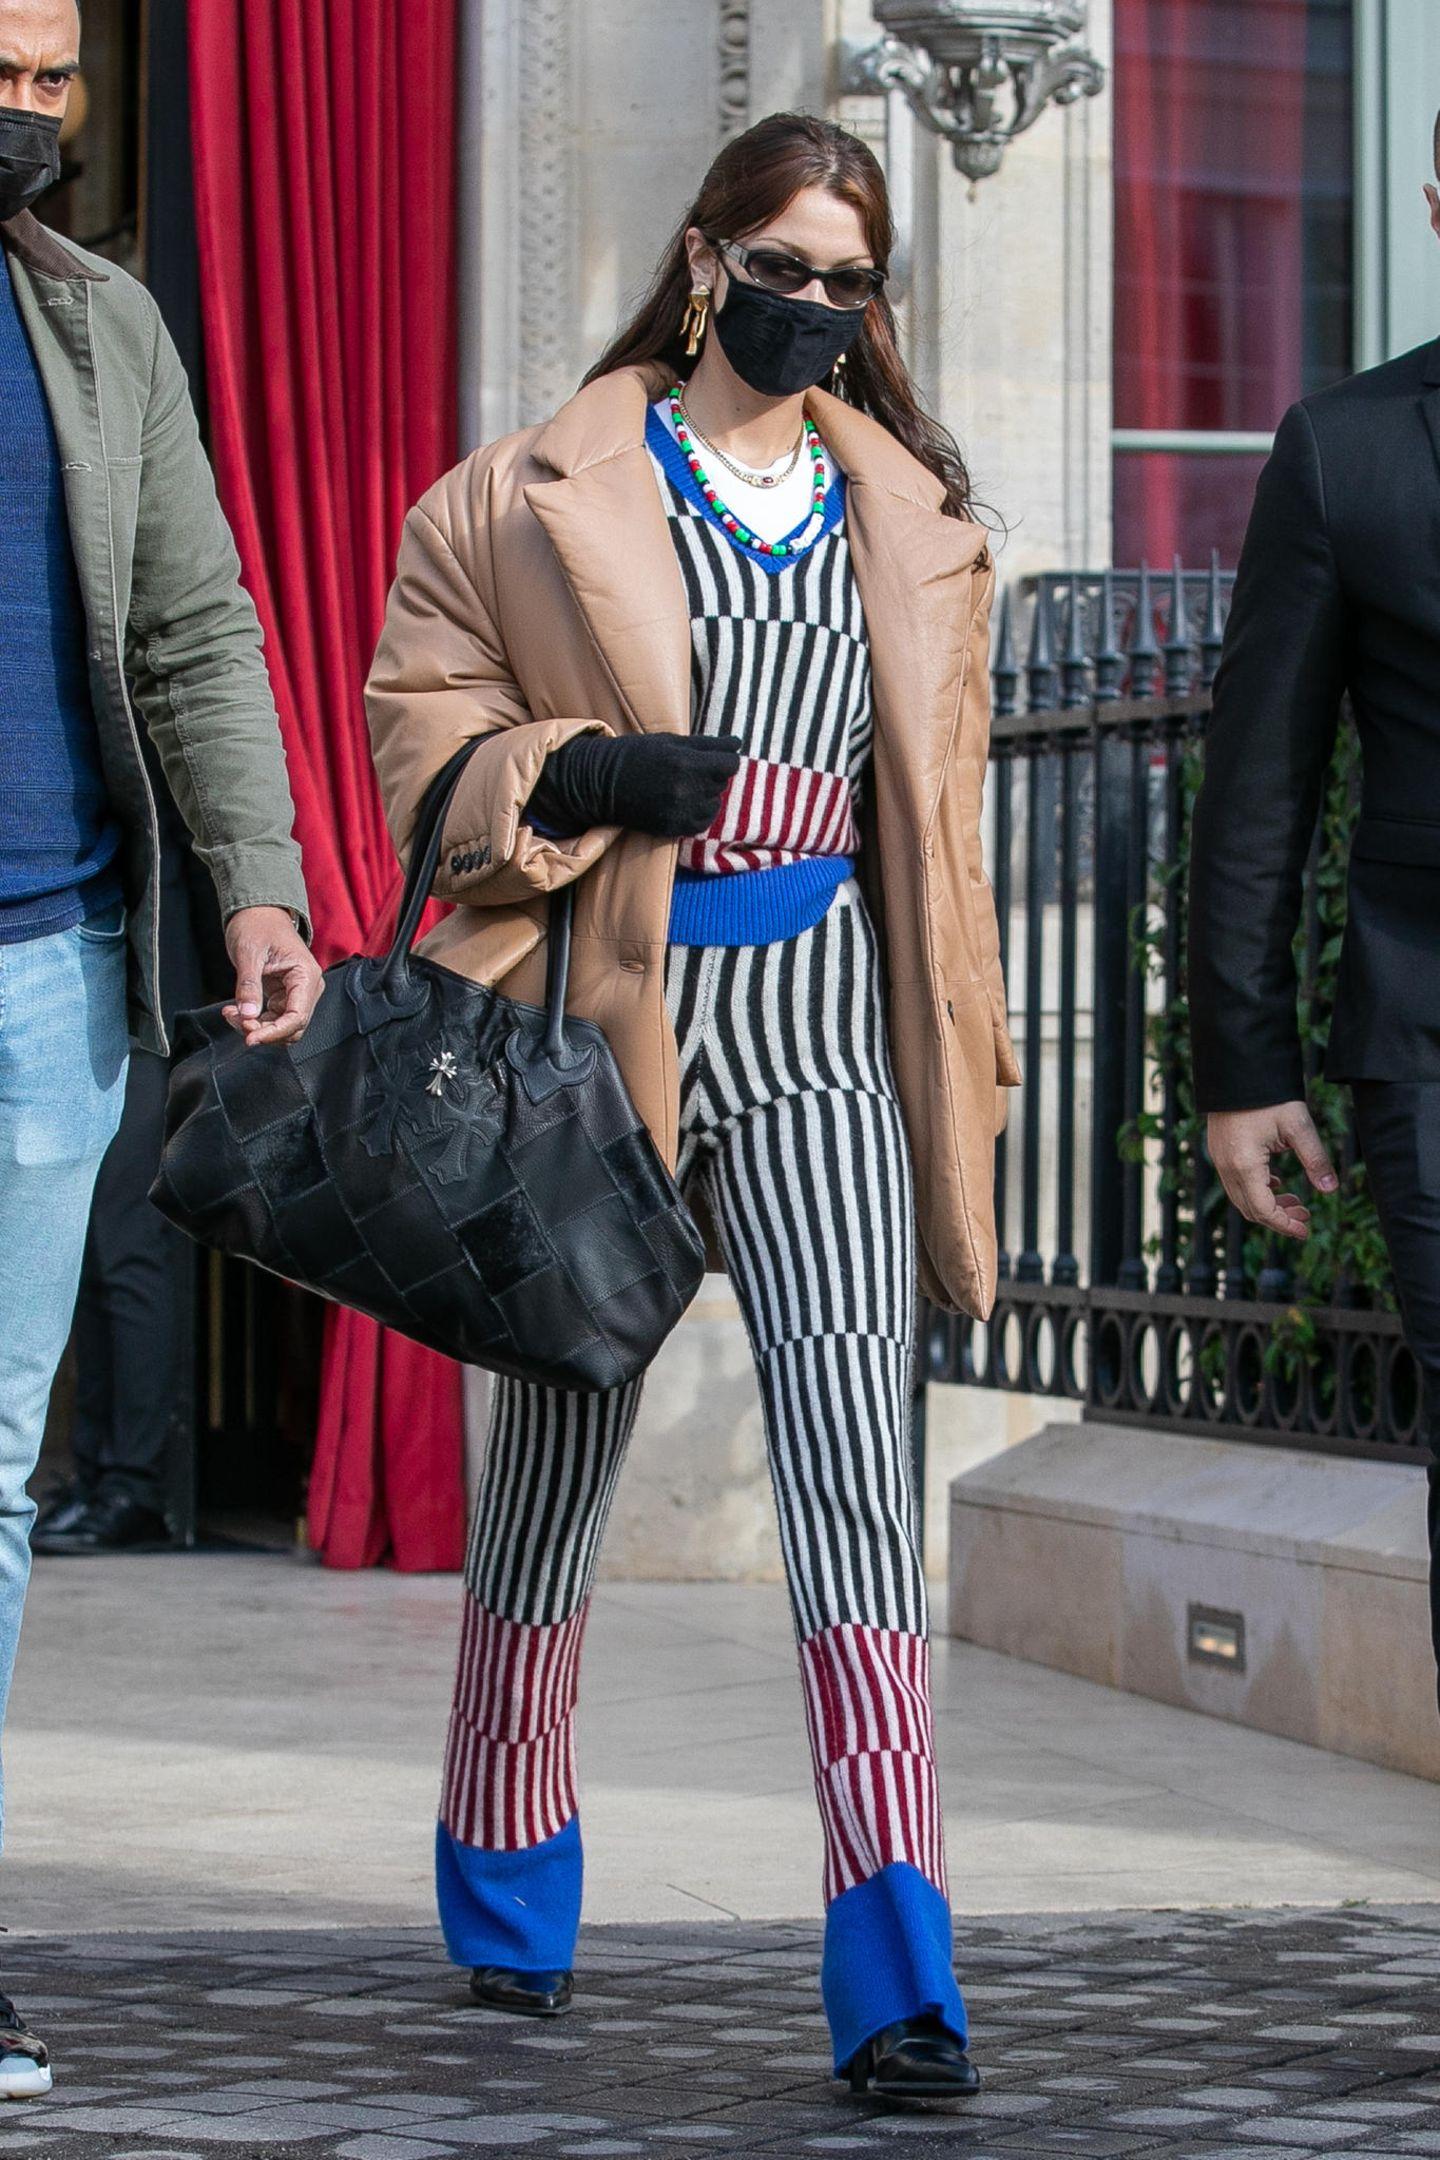 Tja, trotz Längsstreifen ist dieser Look von Bella Hadid alles andere als vorteilhaft: Pyjama-Ensemble, dazu Daunenjacke und 90s-Accessoires – hier passt nix zusammen.